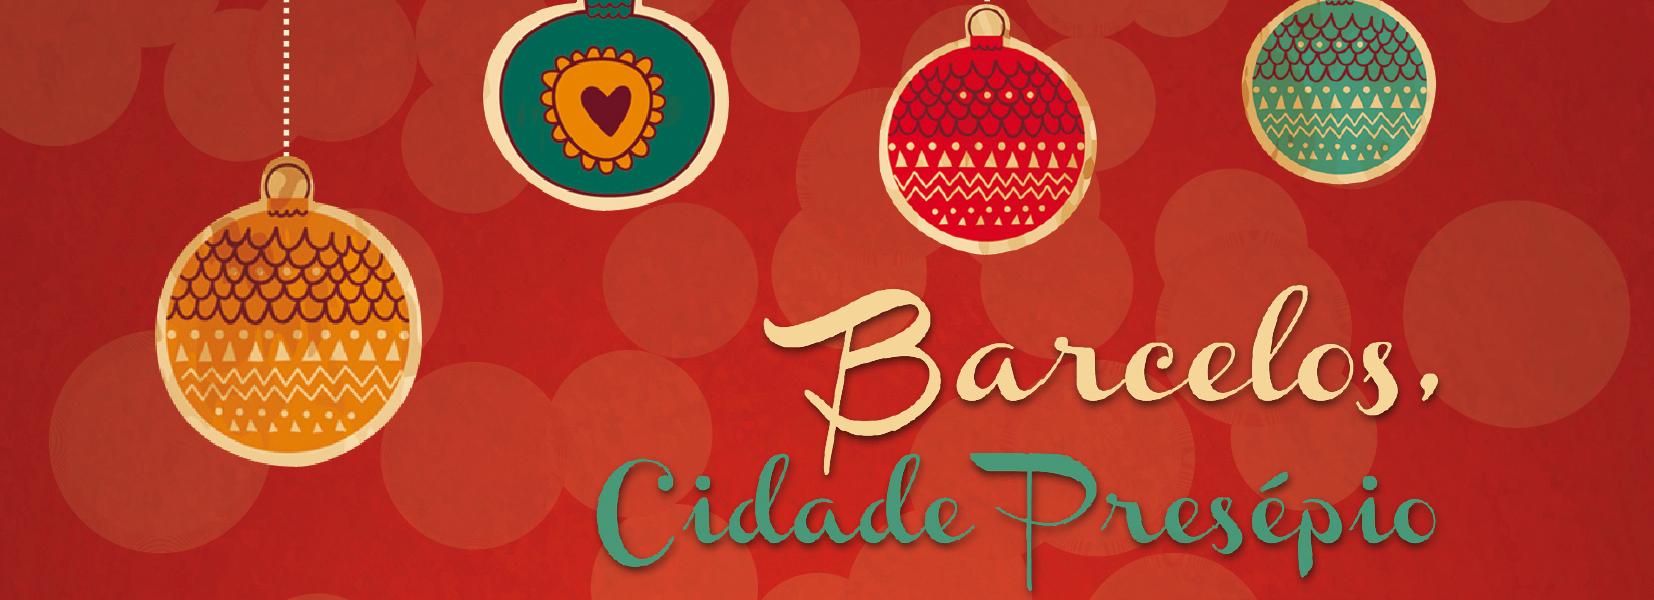 Barcelos Cidade Presépio anima a cidade